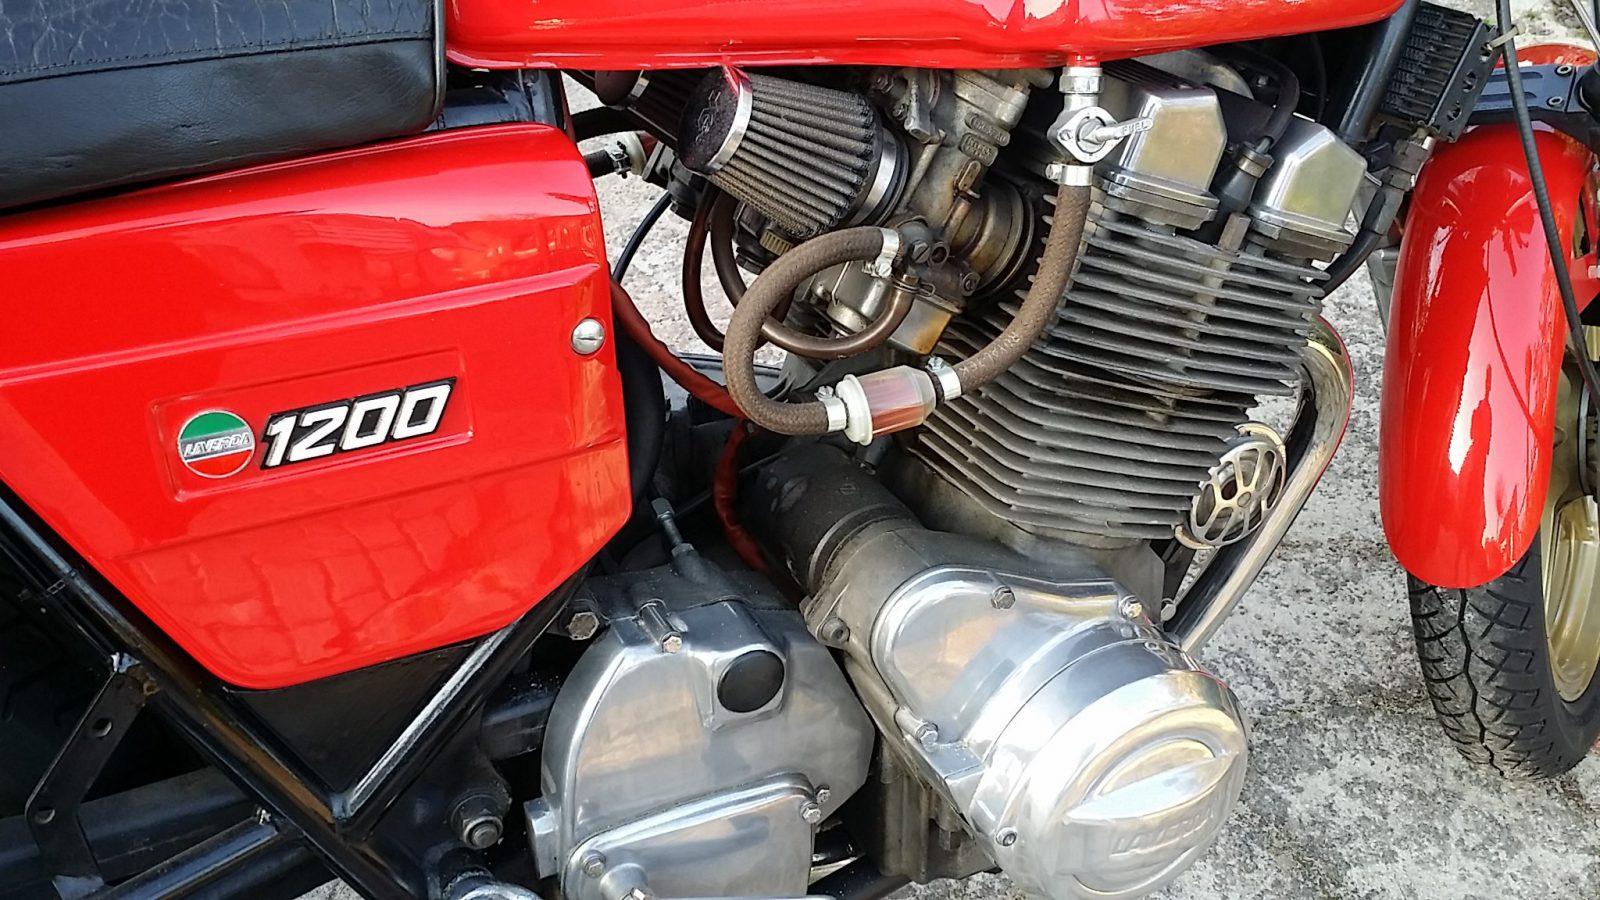 Laverda 1200 3 cilinder retro vintage